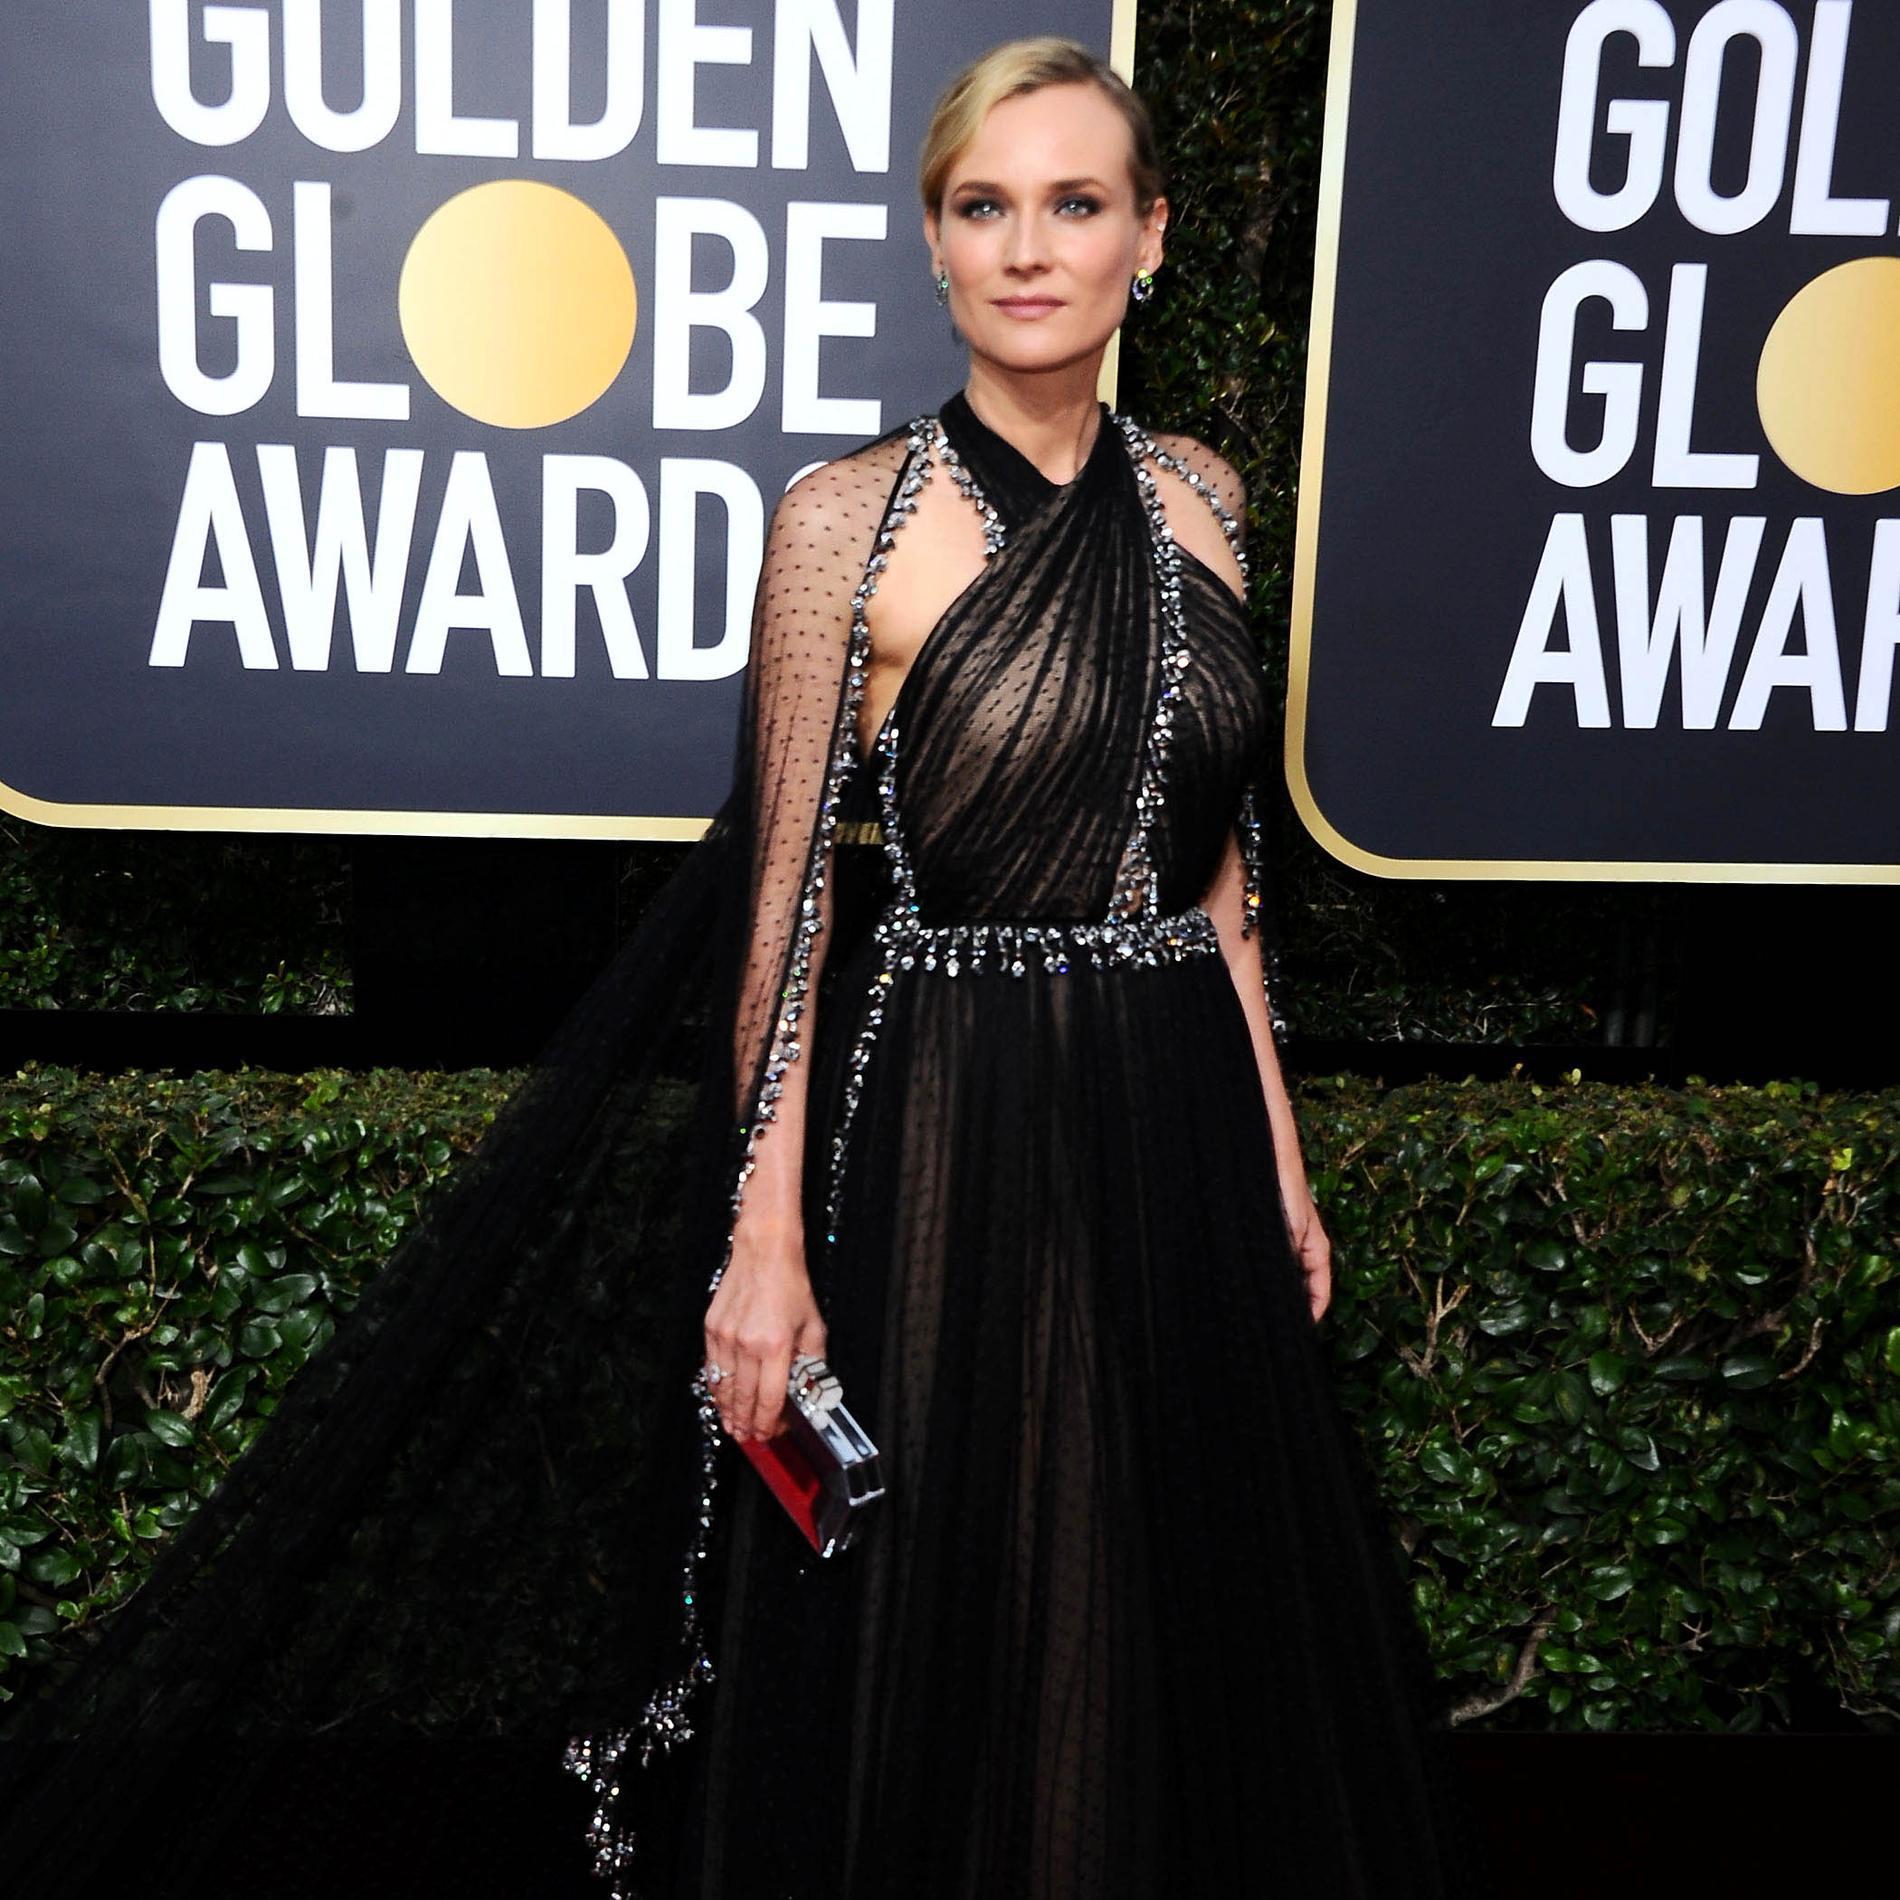 Toutes en noir aux Golden Globes 2018 - Diane Kruger